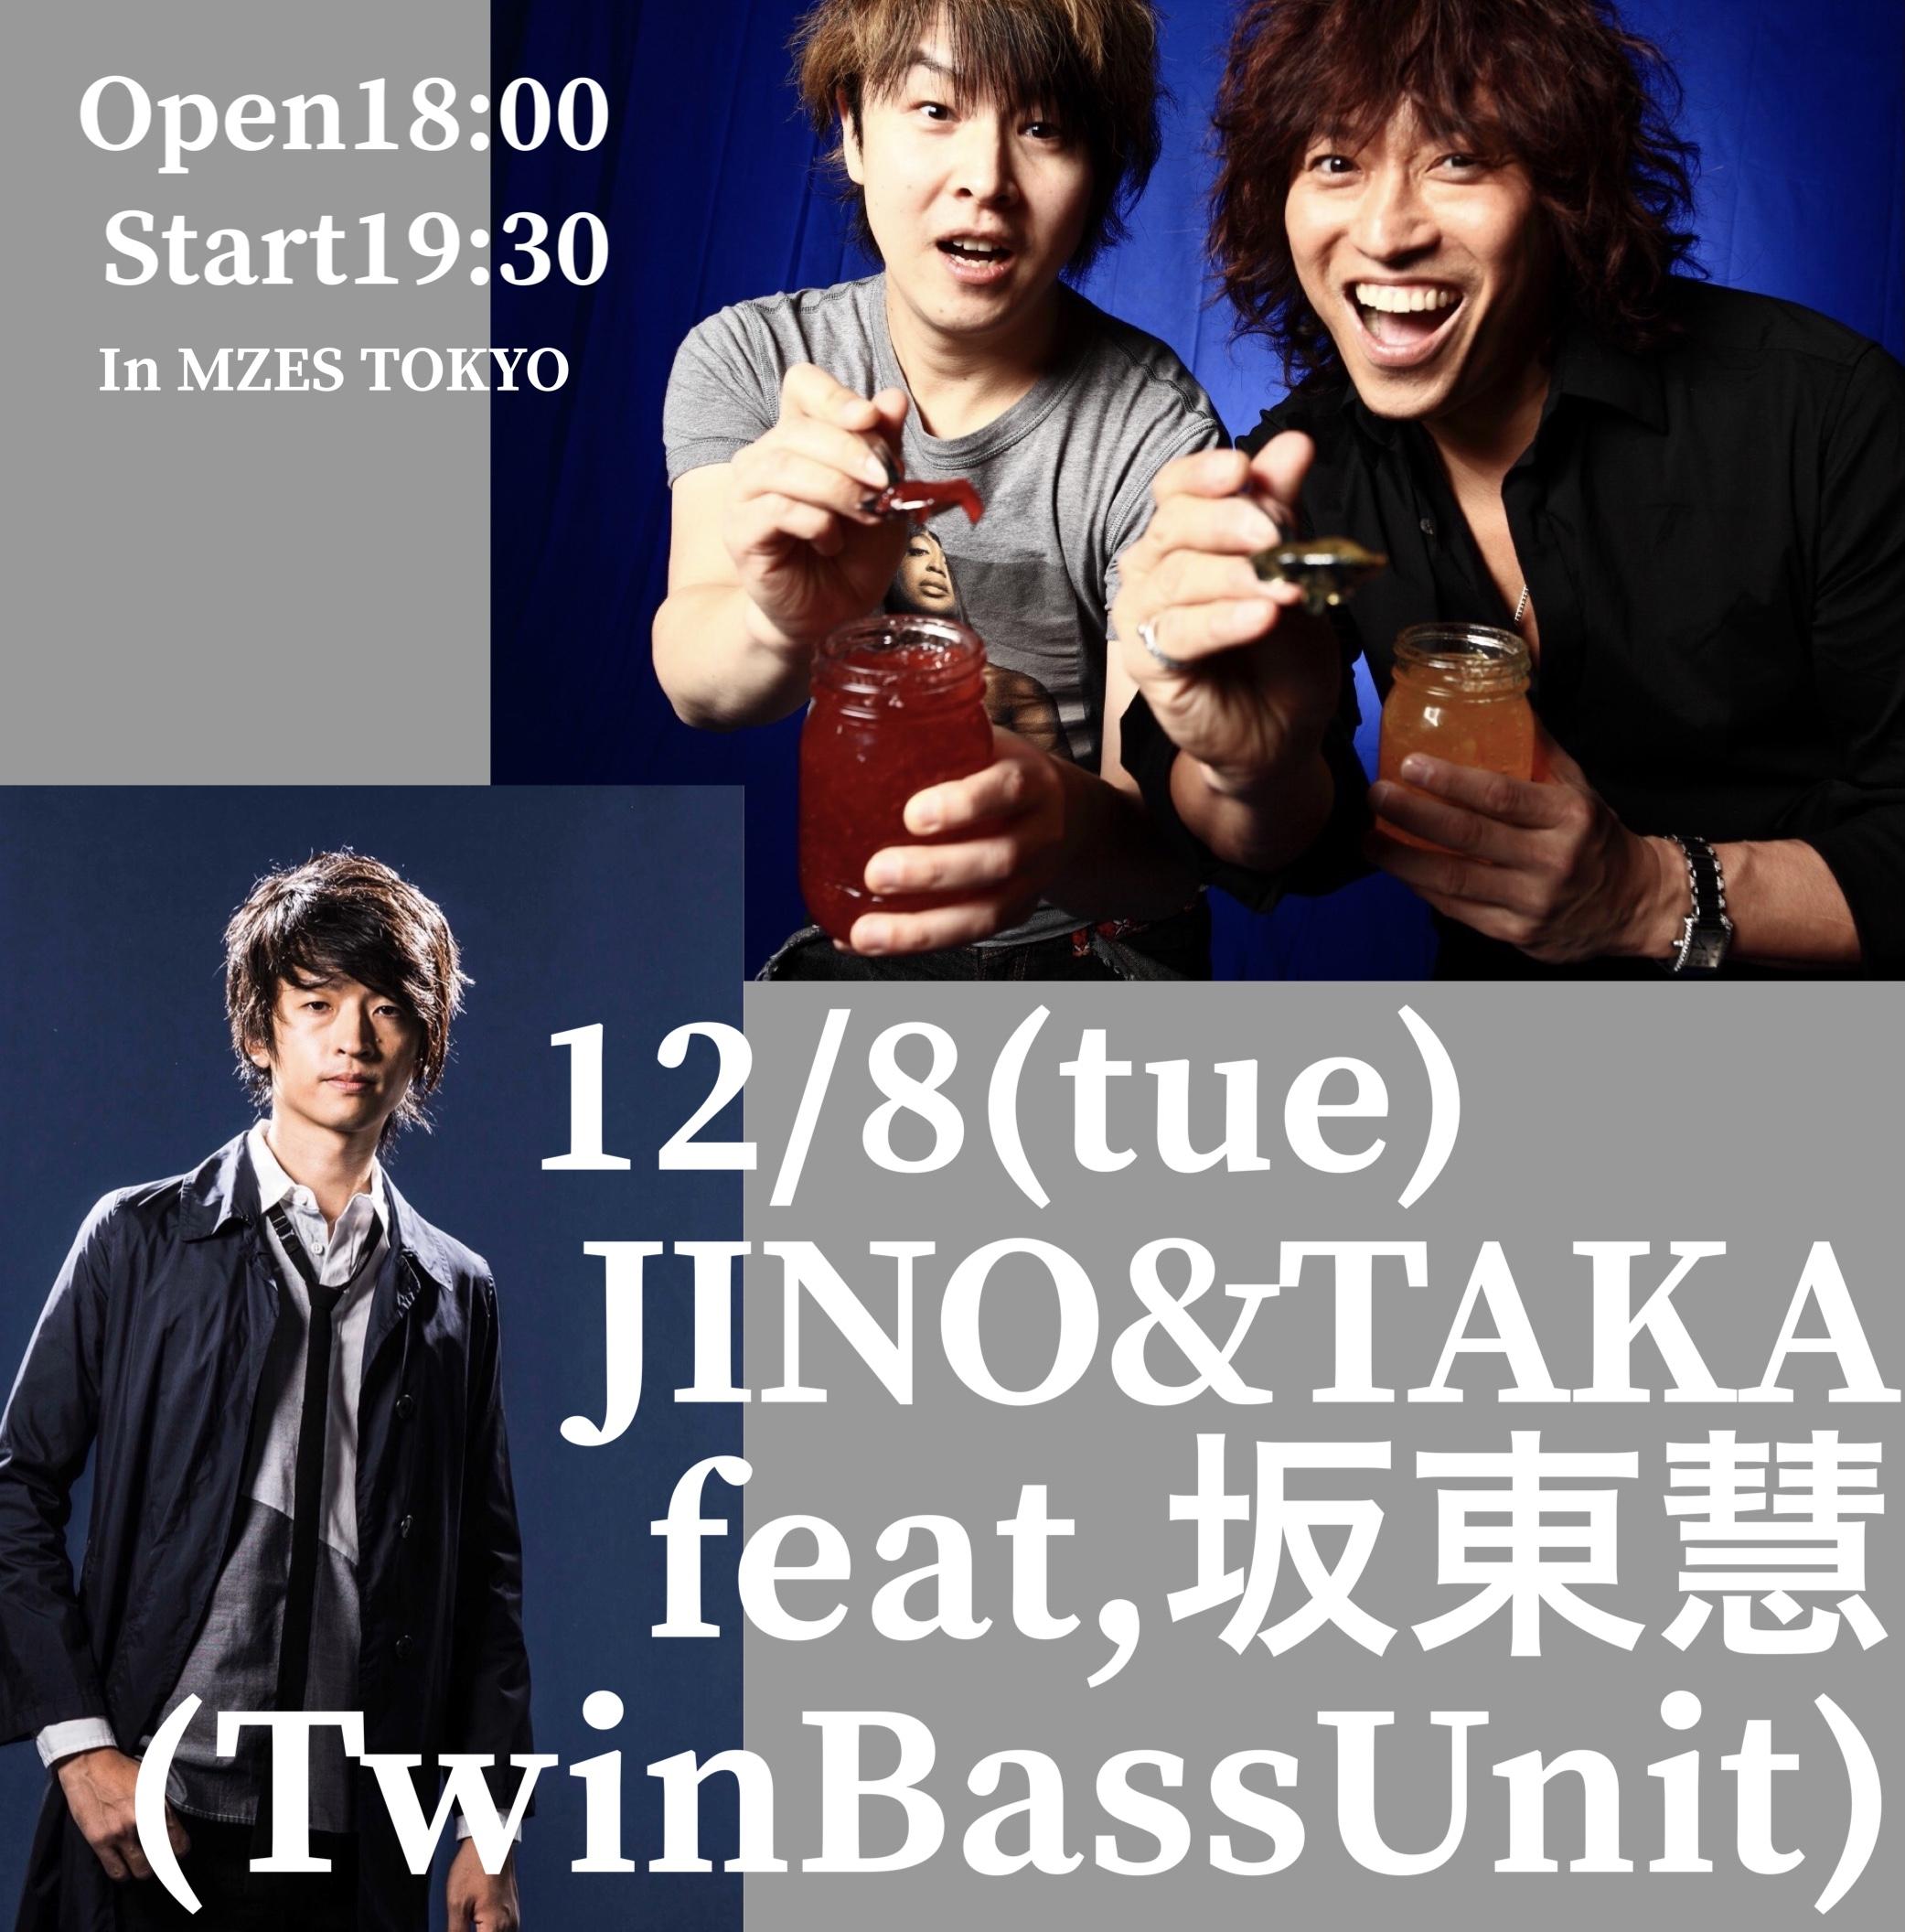 【配信】JINO&TAKA feat,坂東慧(TwinBassUnit)